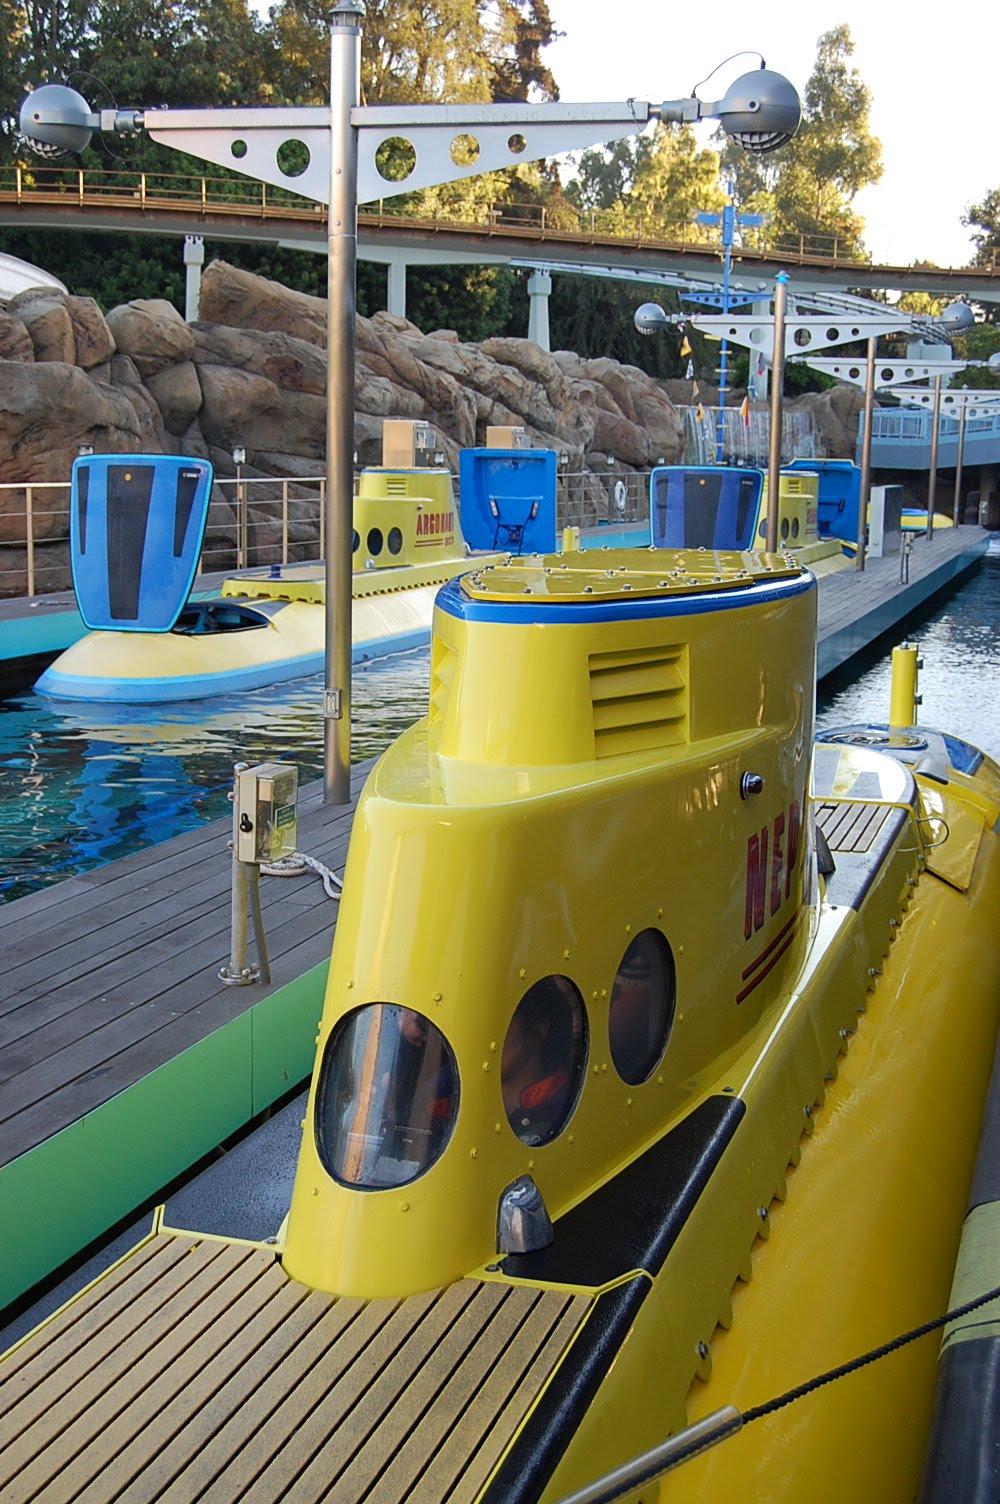 DisneyShawn: Where in Disneyland? Finding Nemo Submarine ...